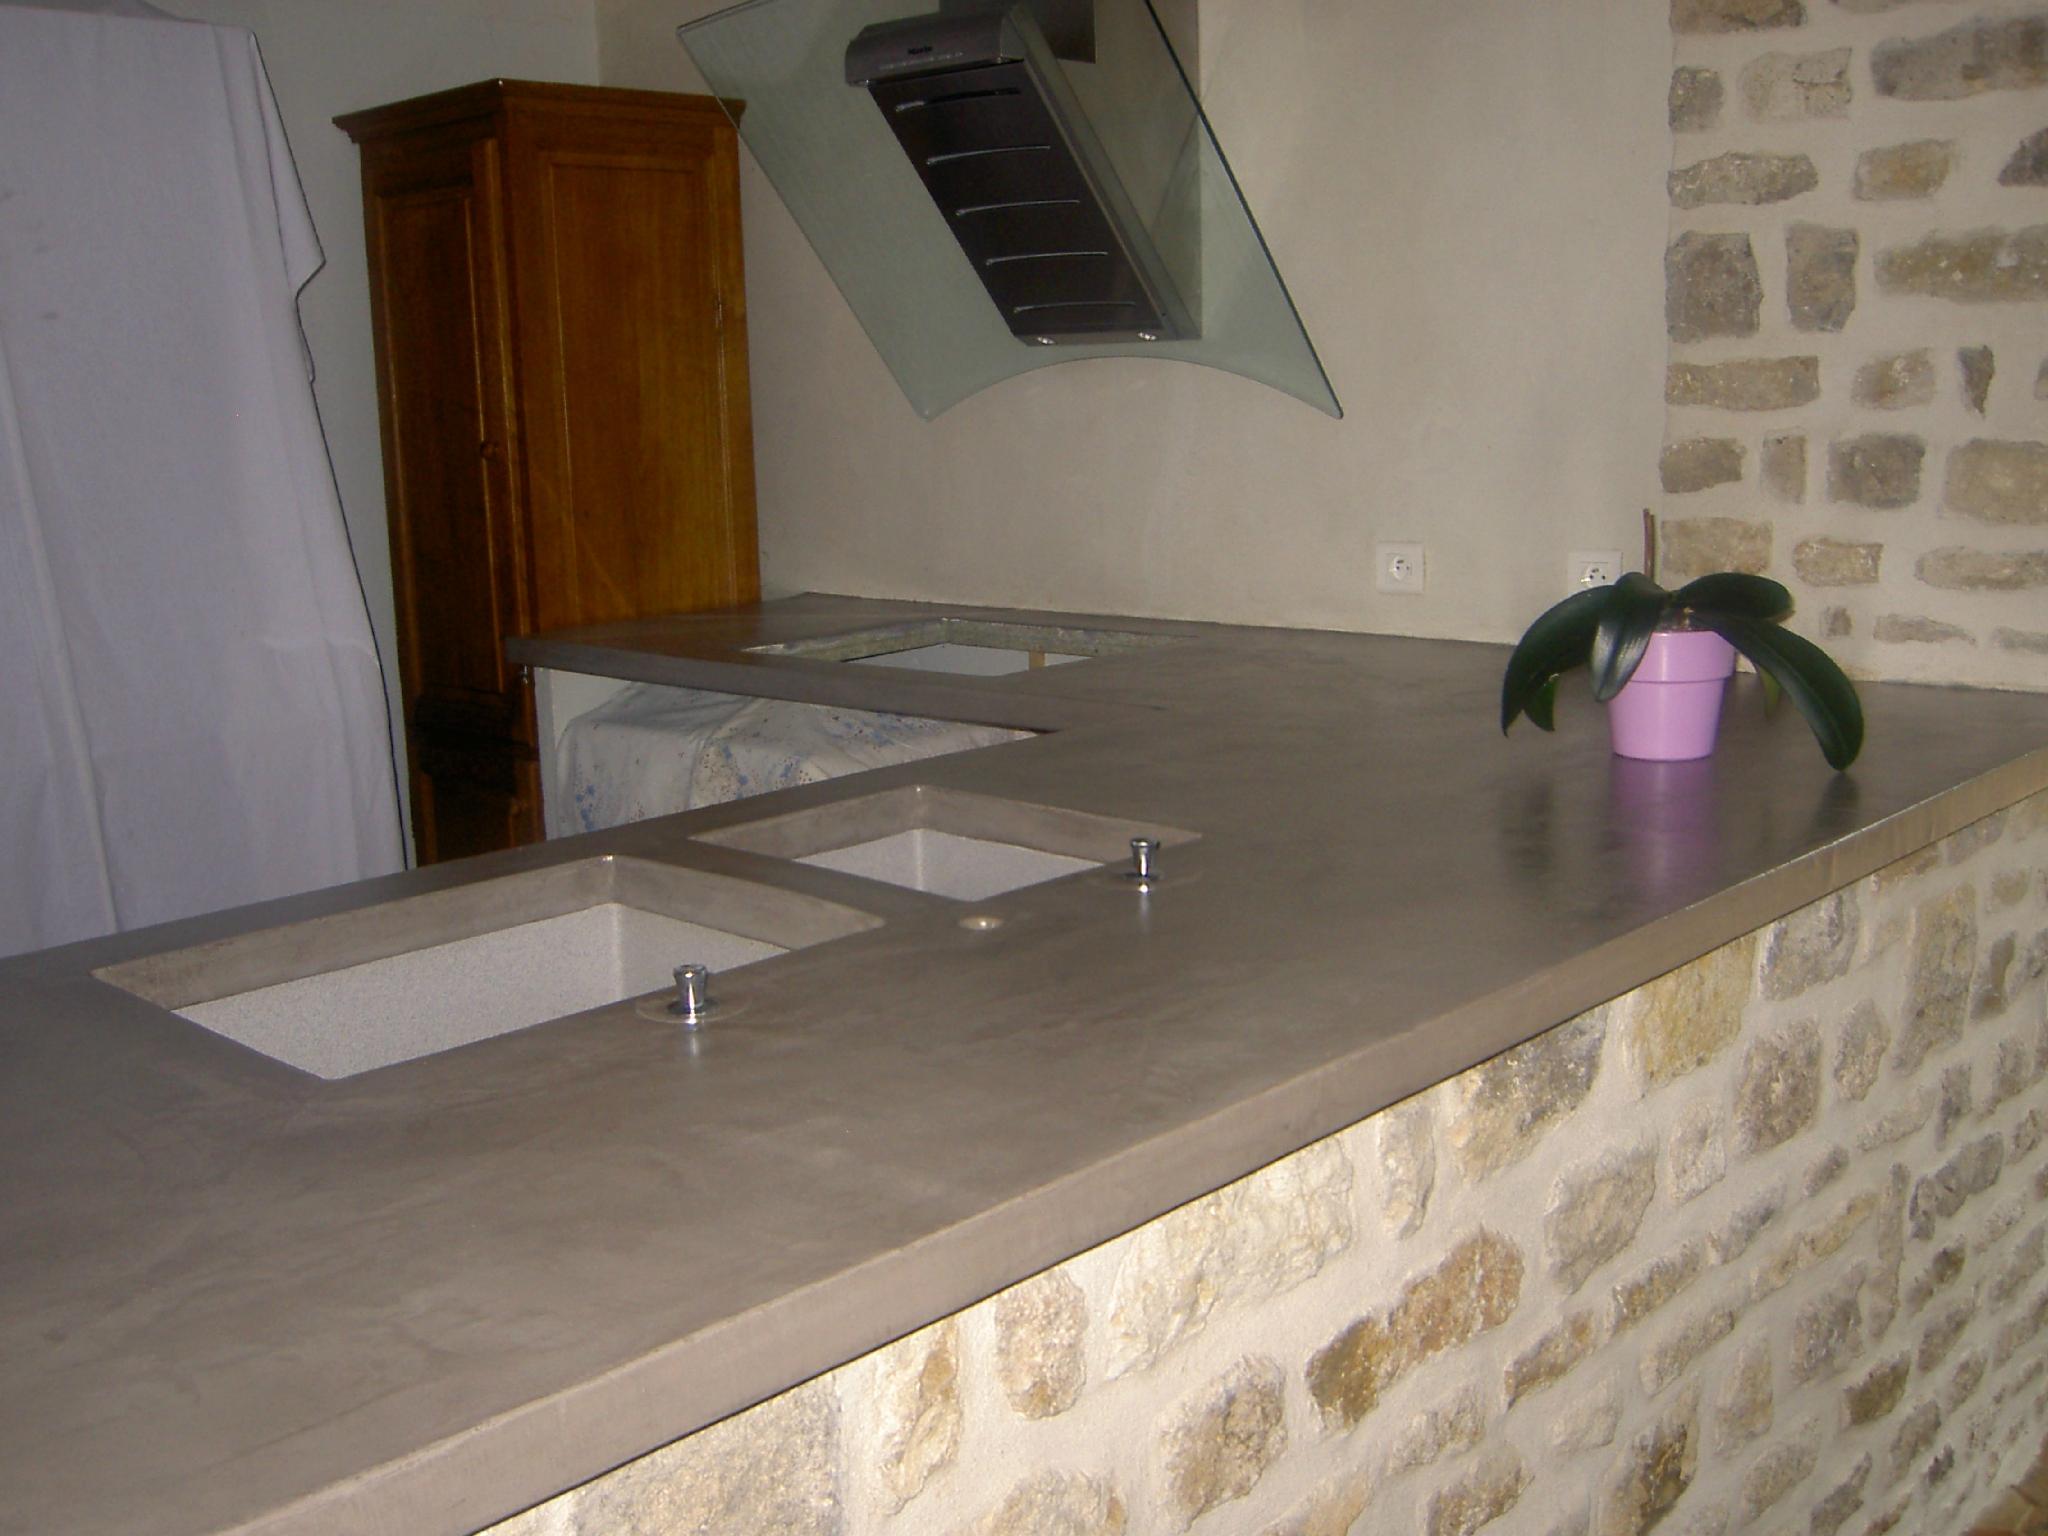 Plan de travail beton quartz livraison - Beton cire sur carrelage plan de travail cuisine ...